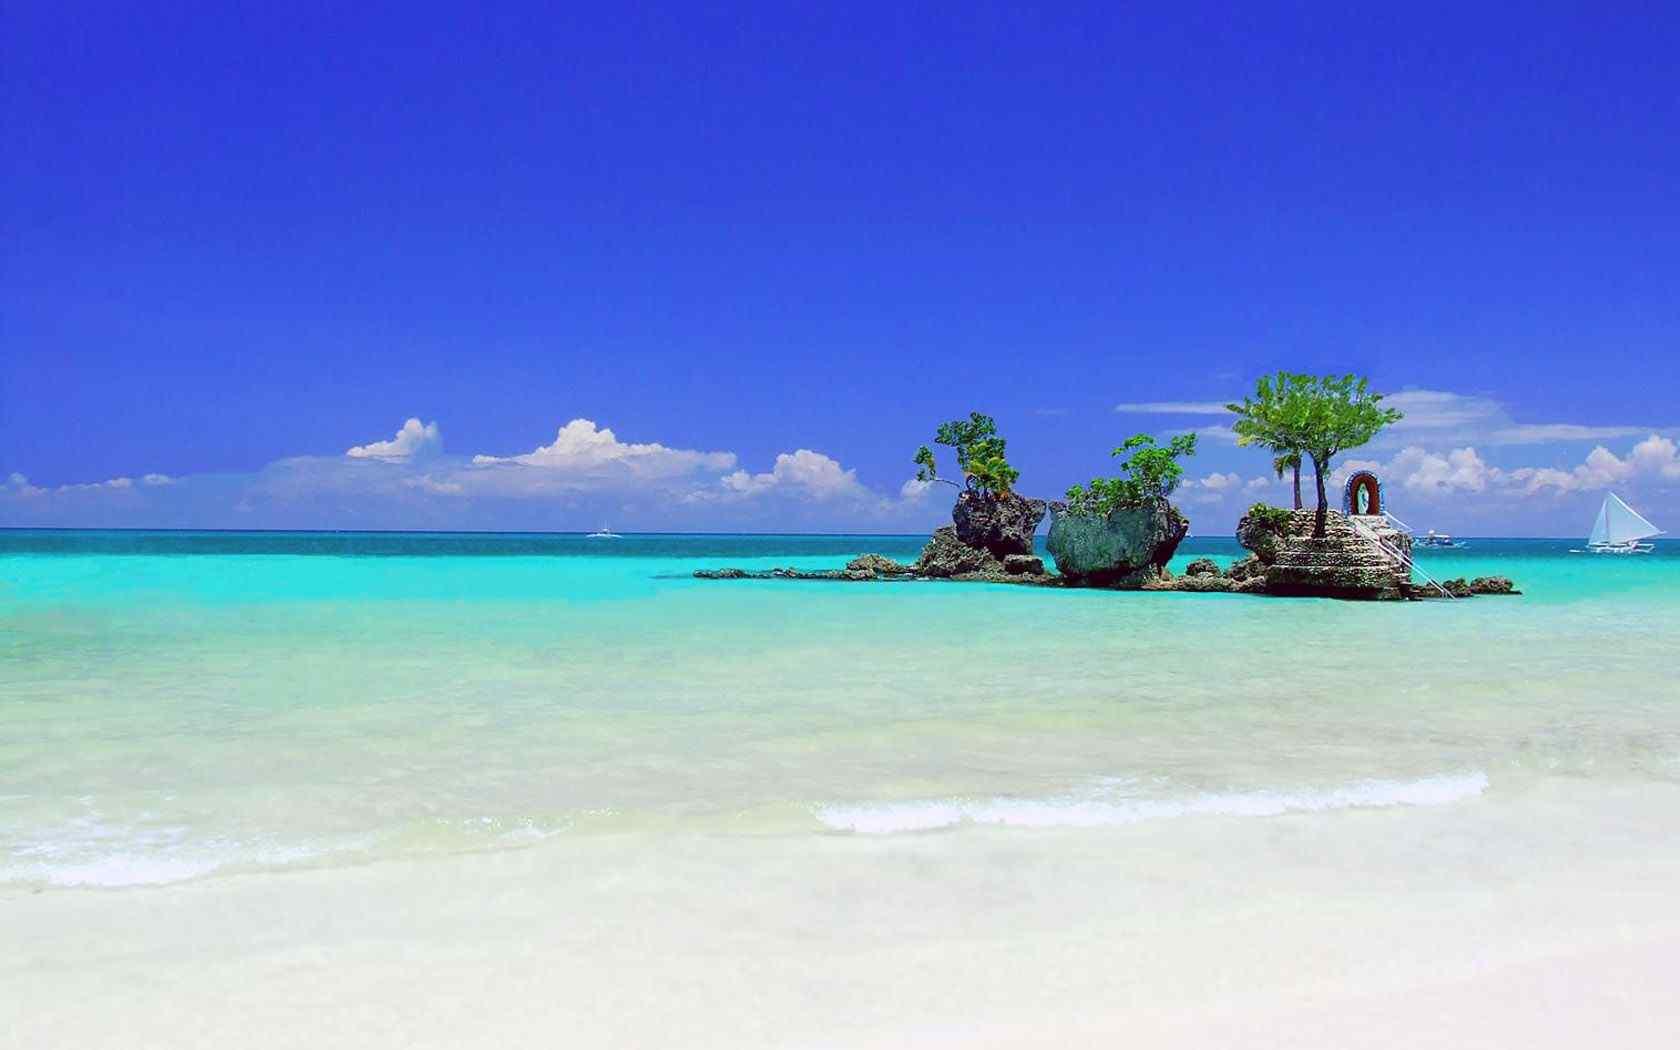 Soggiorno mare Isola di Boracay - Speciale Natale e Capodanno